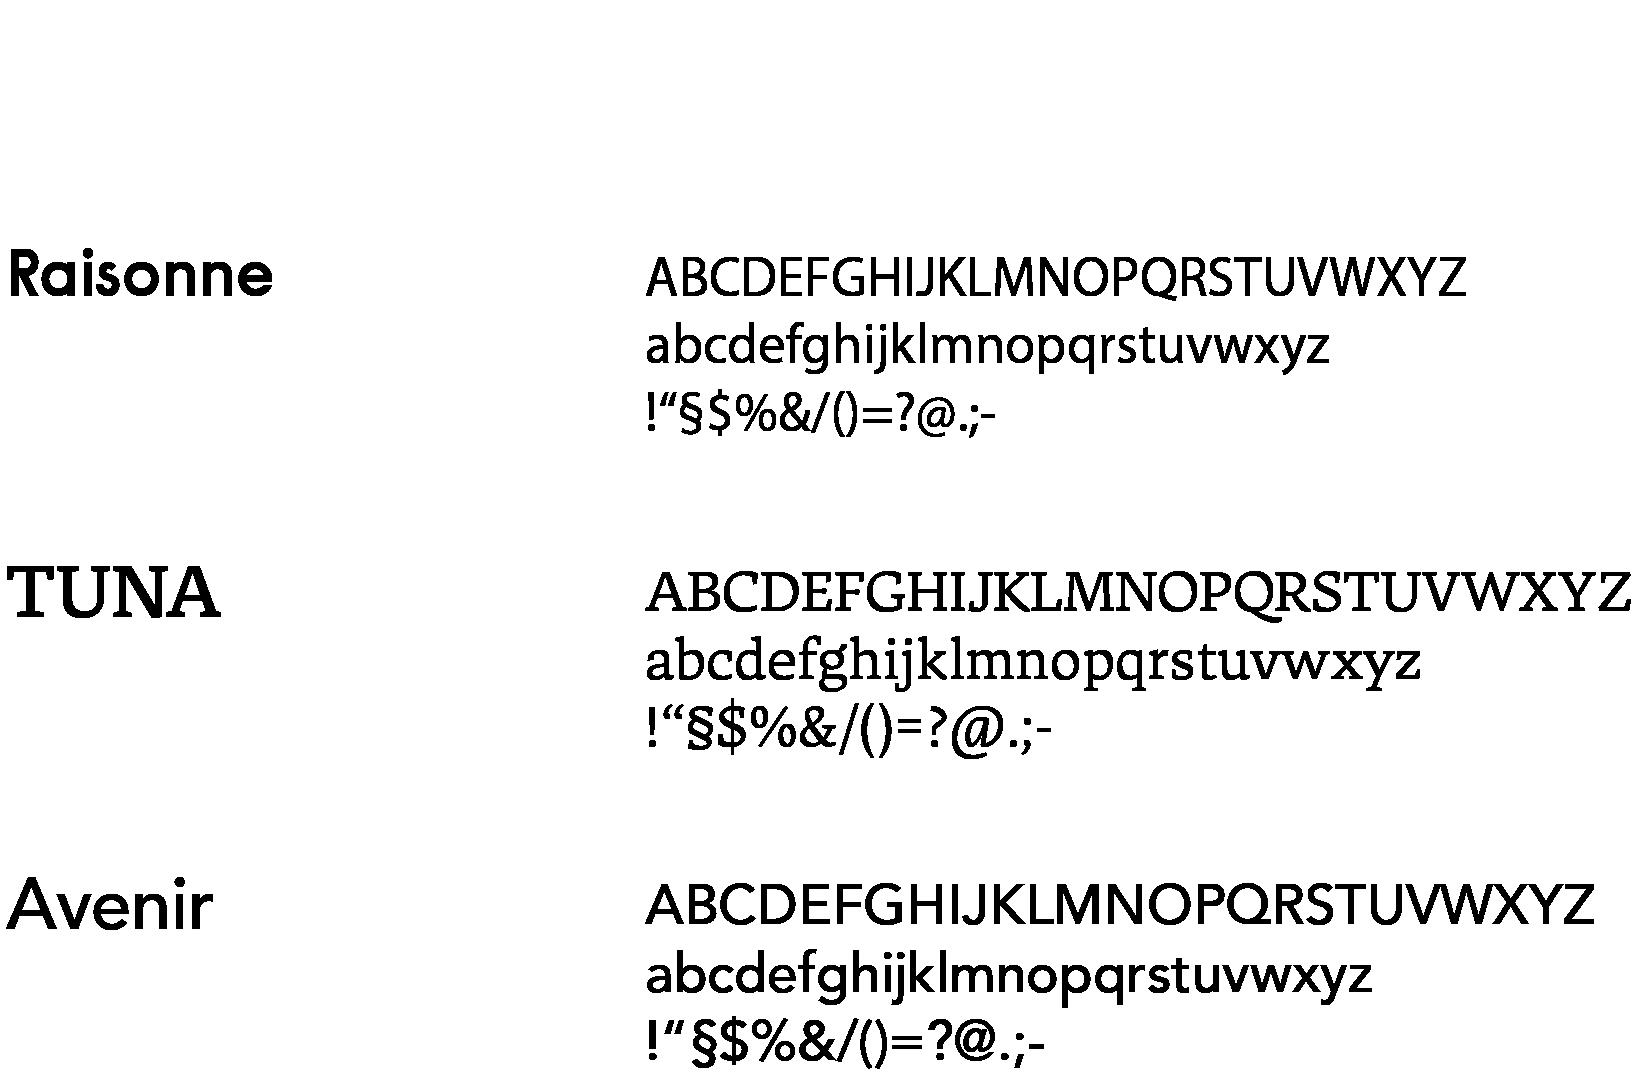 und co nautico fonts